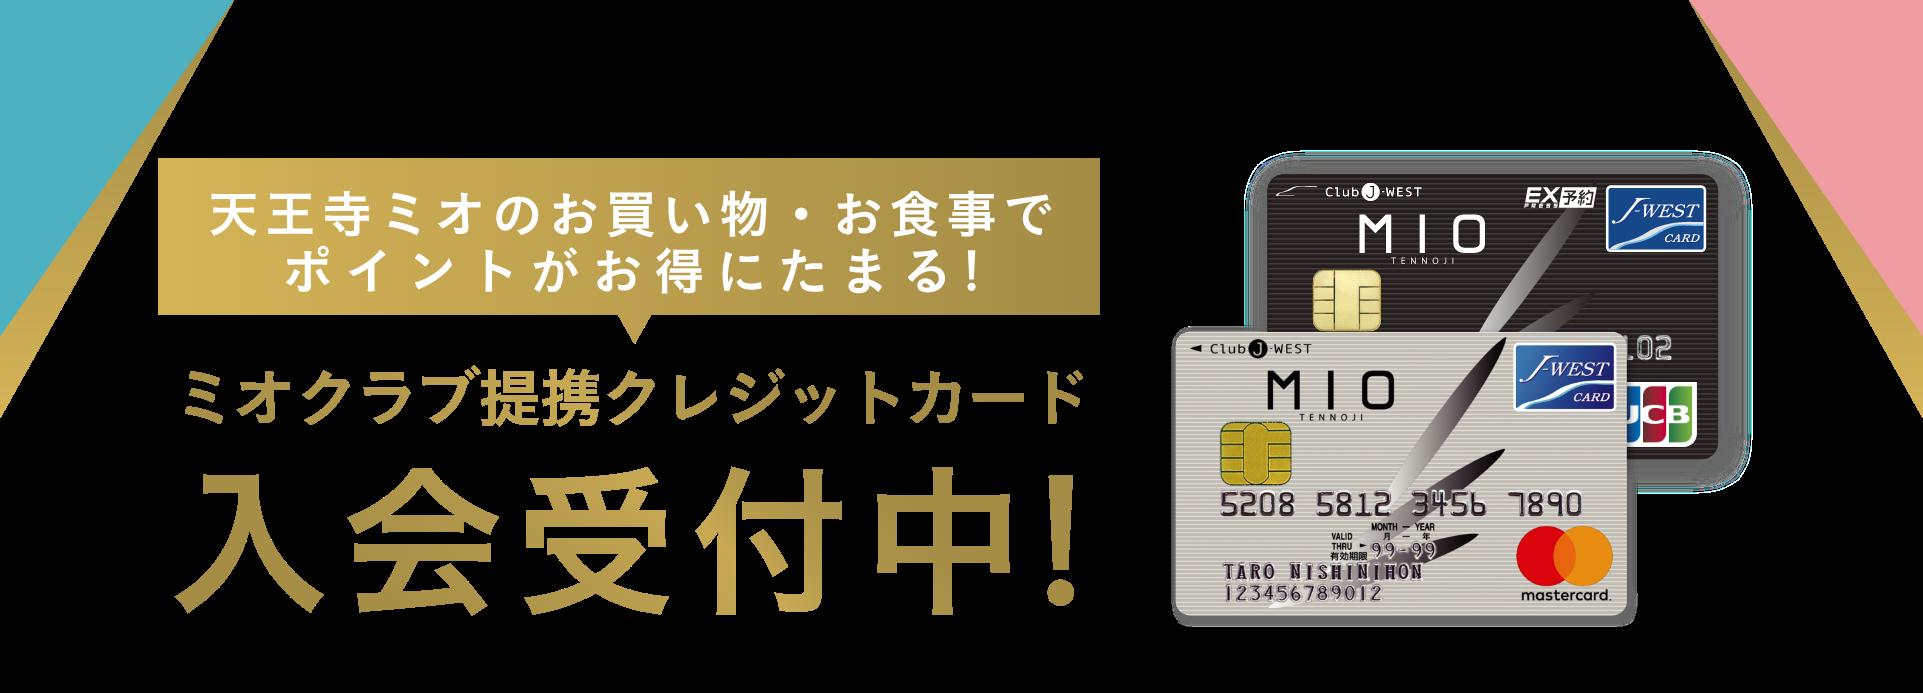 ミオクラブ提携クレジットカード入会受付中!